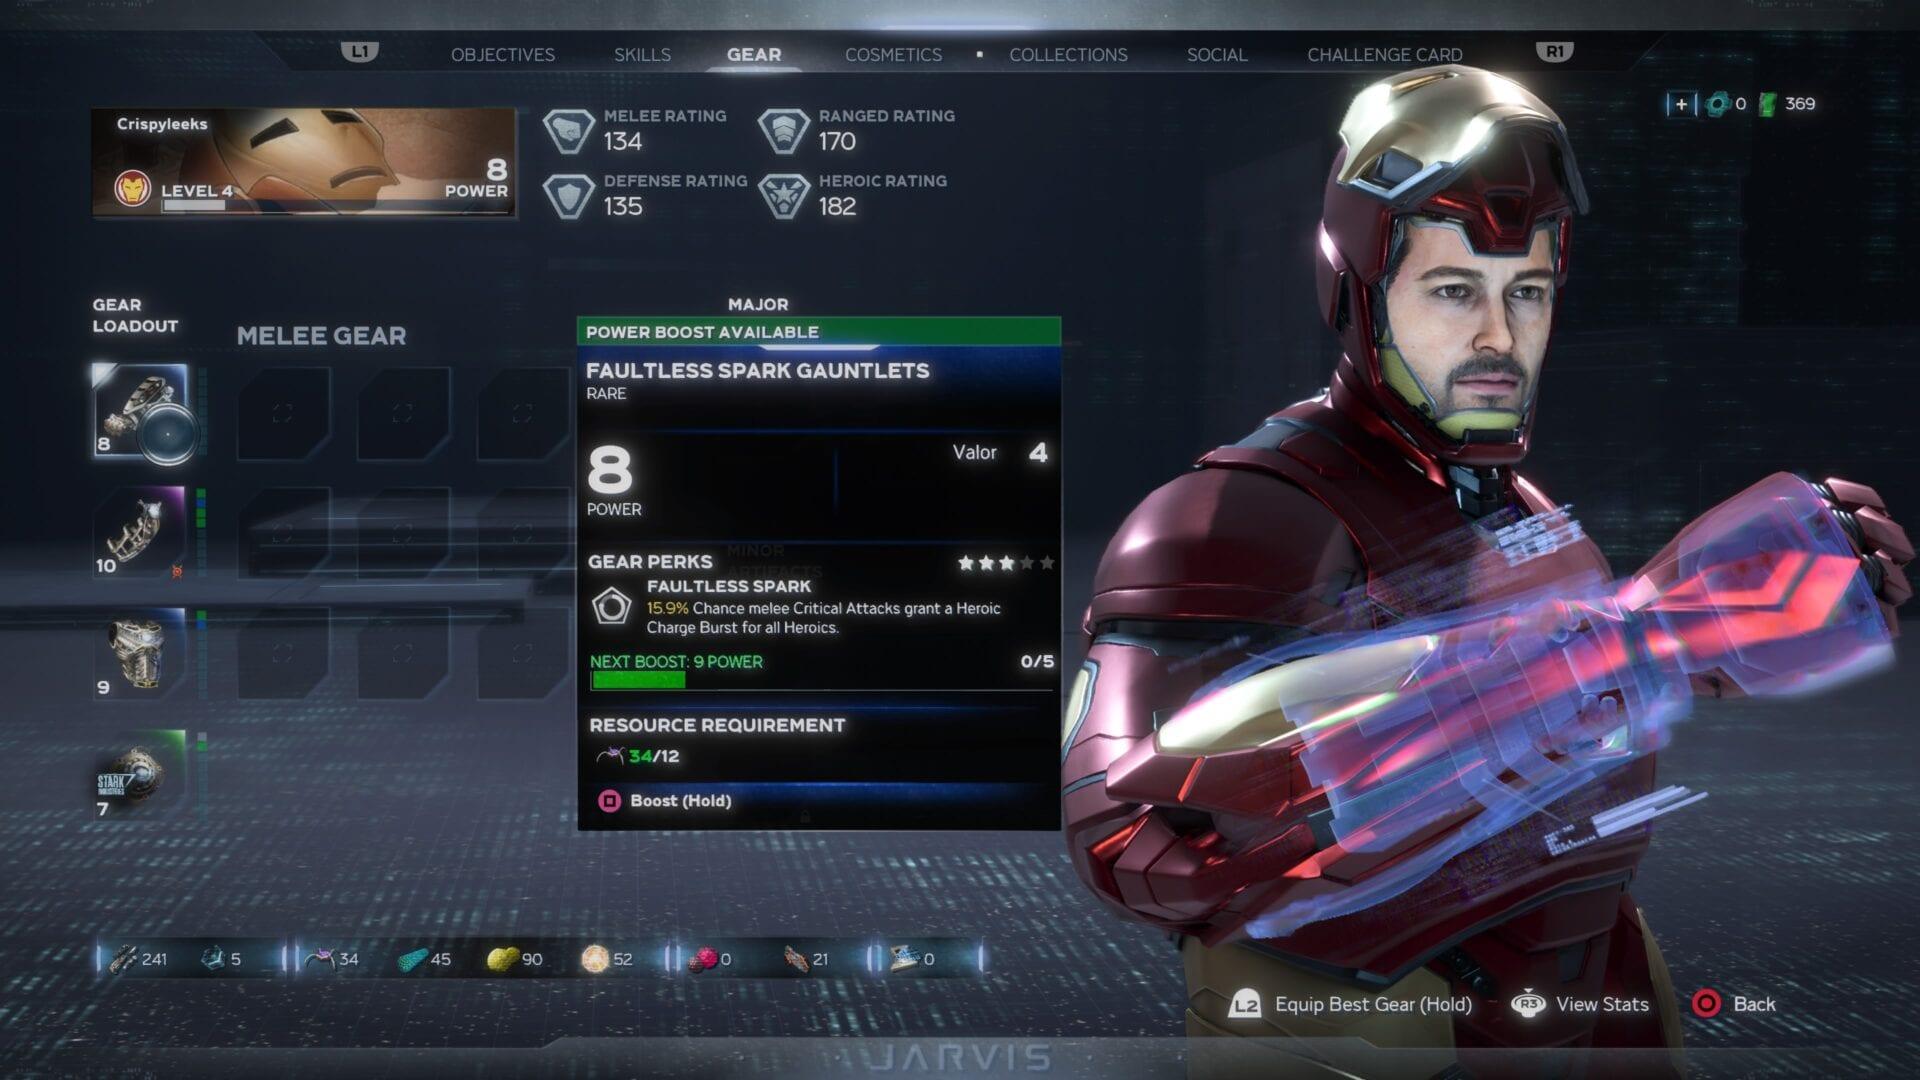 aumentar el nivel de potencia del equipo en Marvel's Avengers